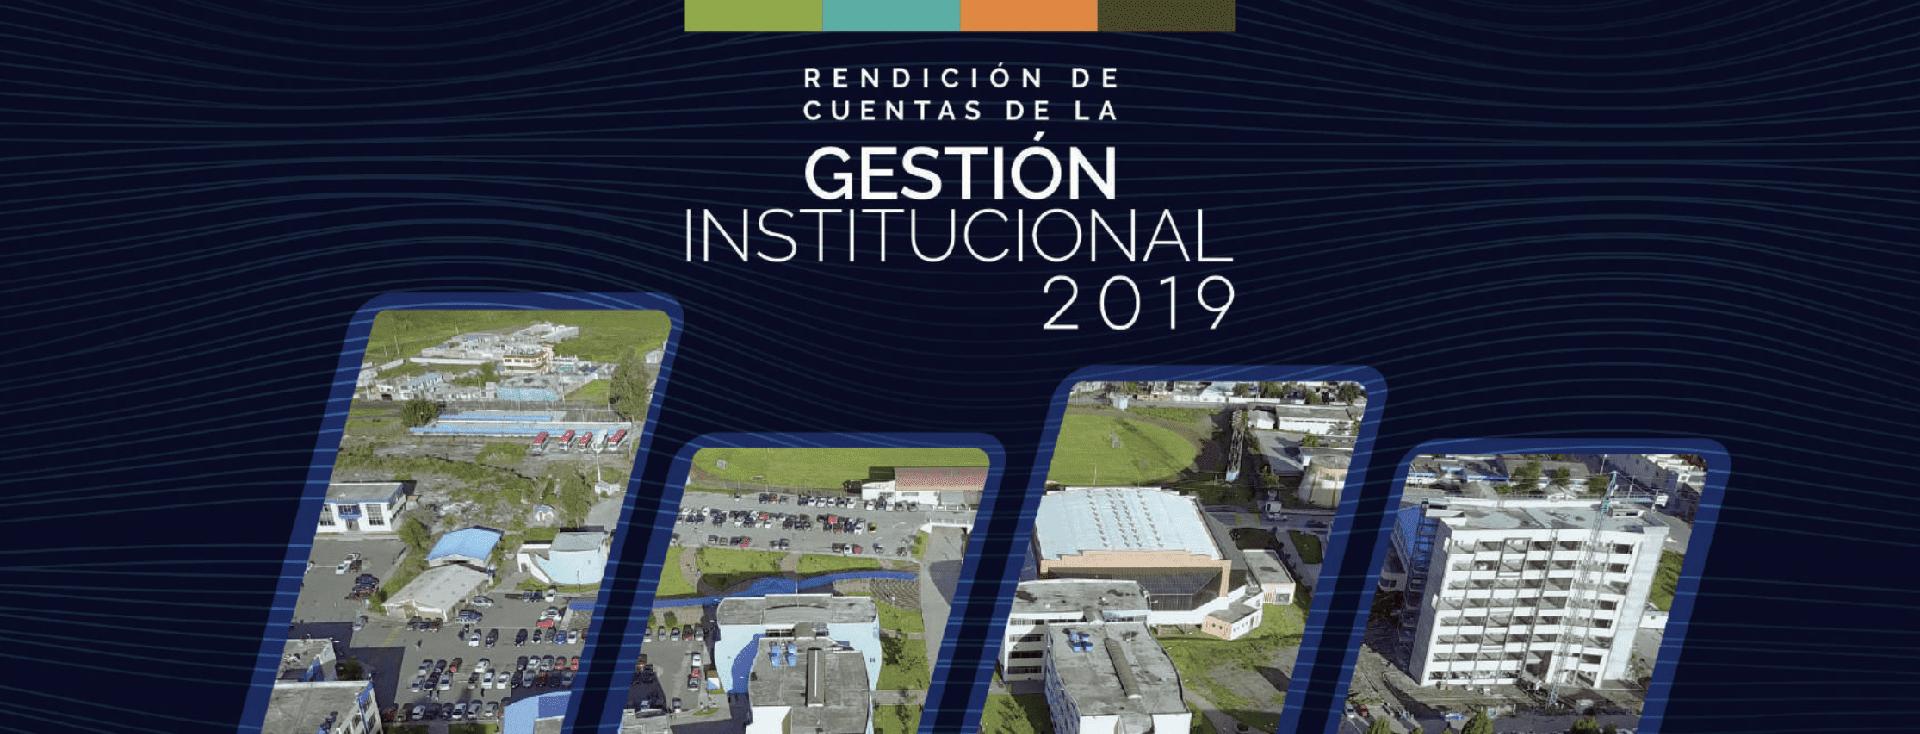 Rendición de Cuentas de la Gestión Institucional del 2019